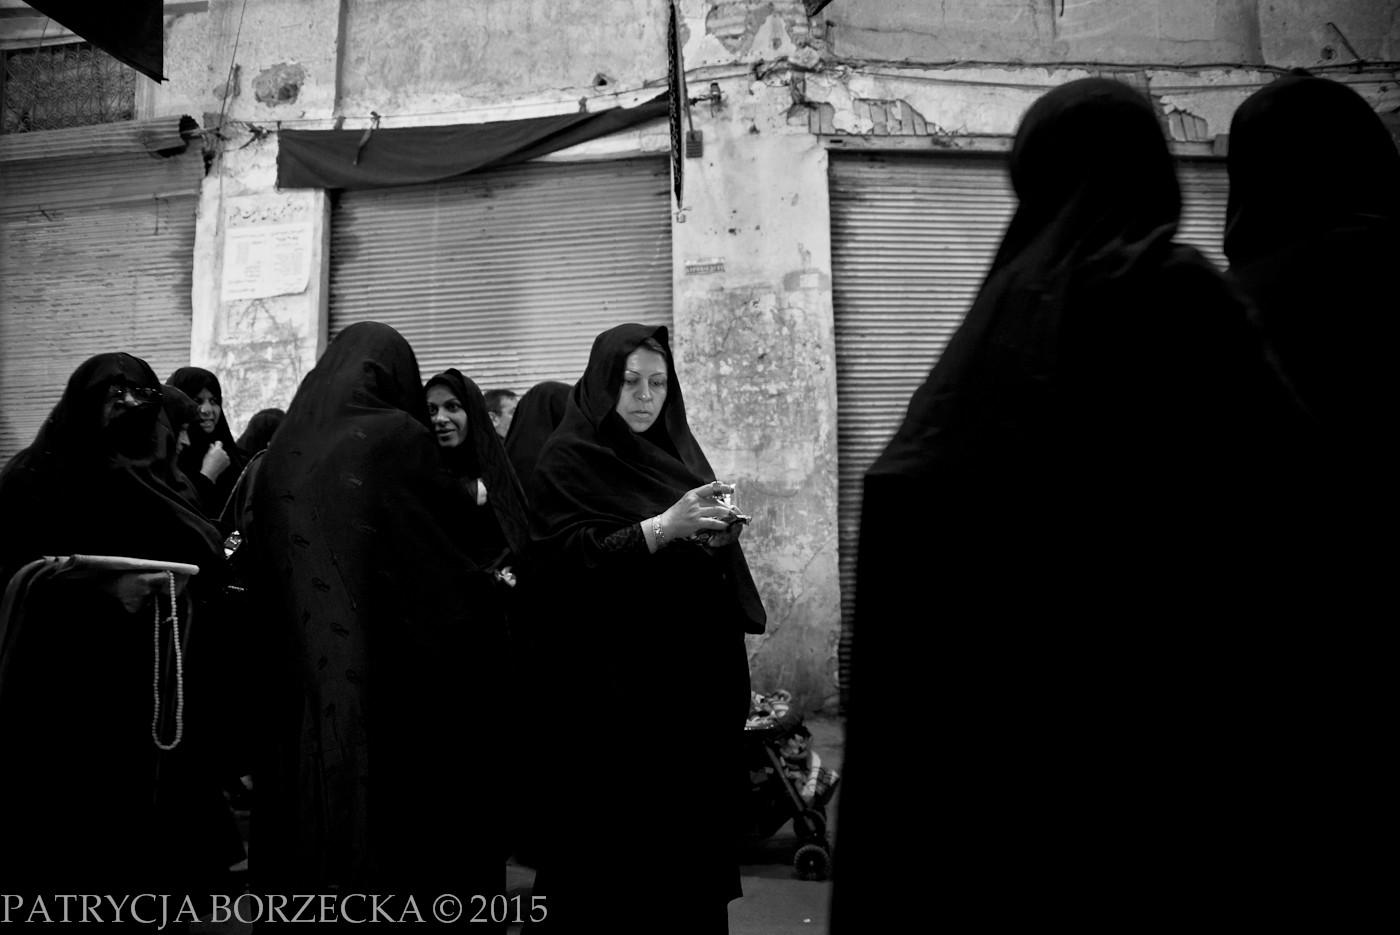 PatrycjaBorzecka-photo-Muharram18